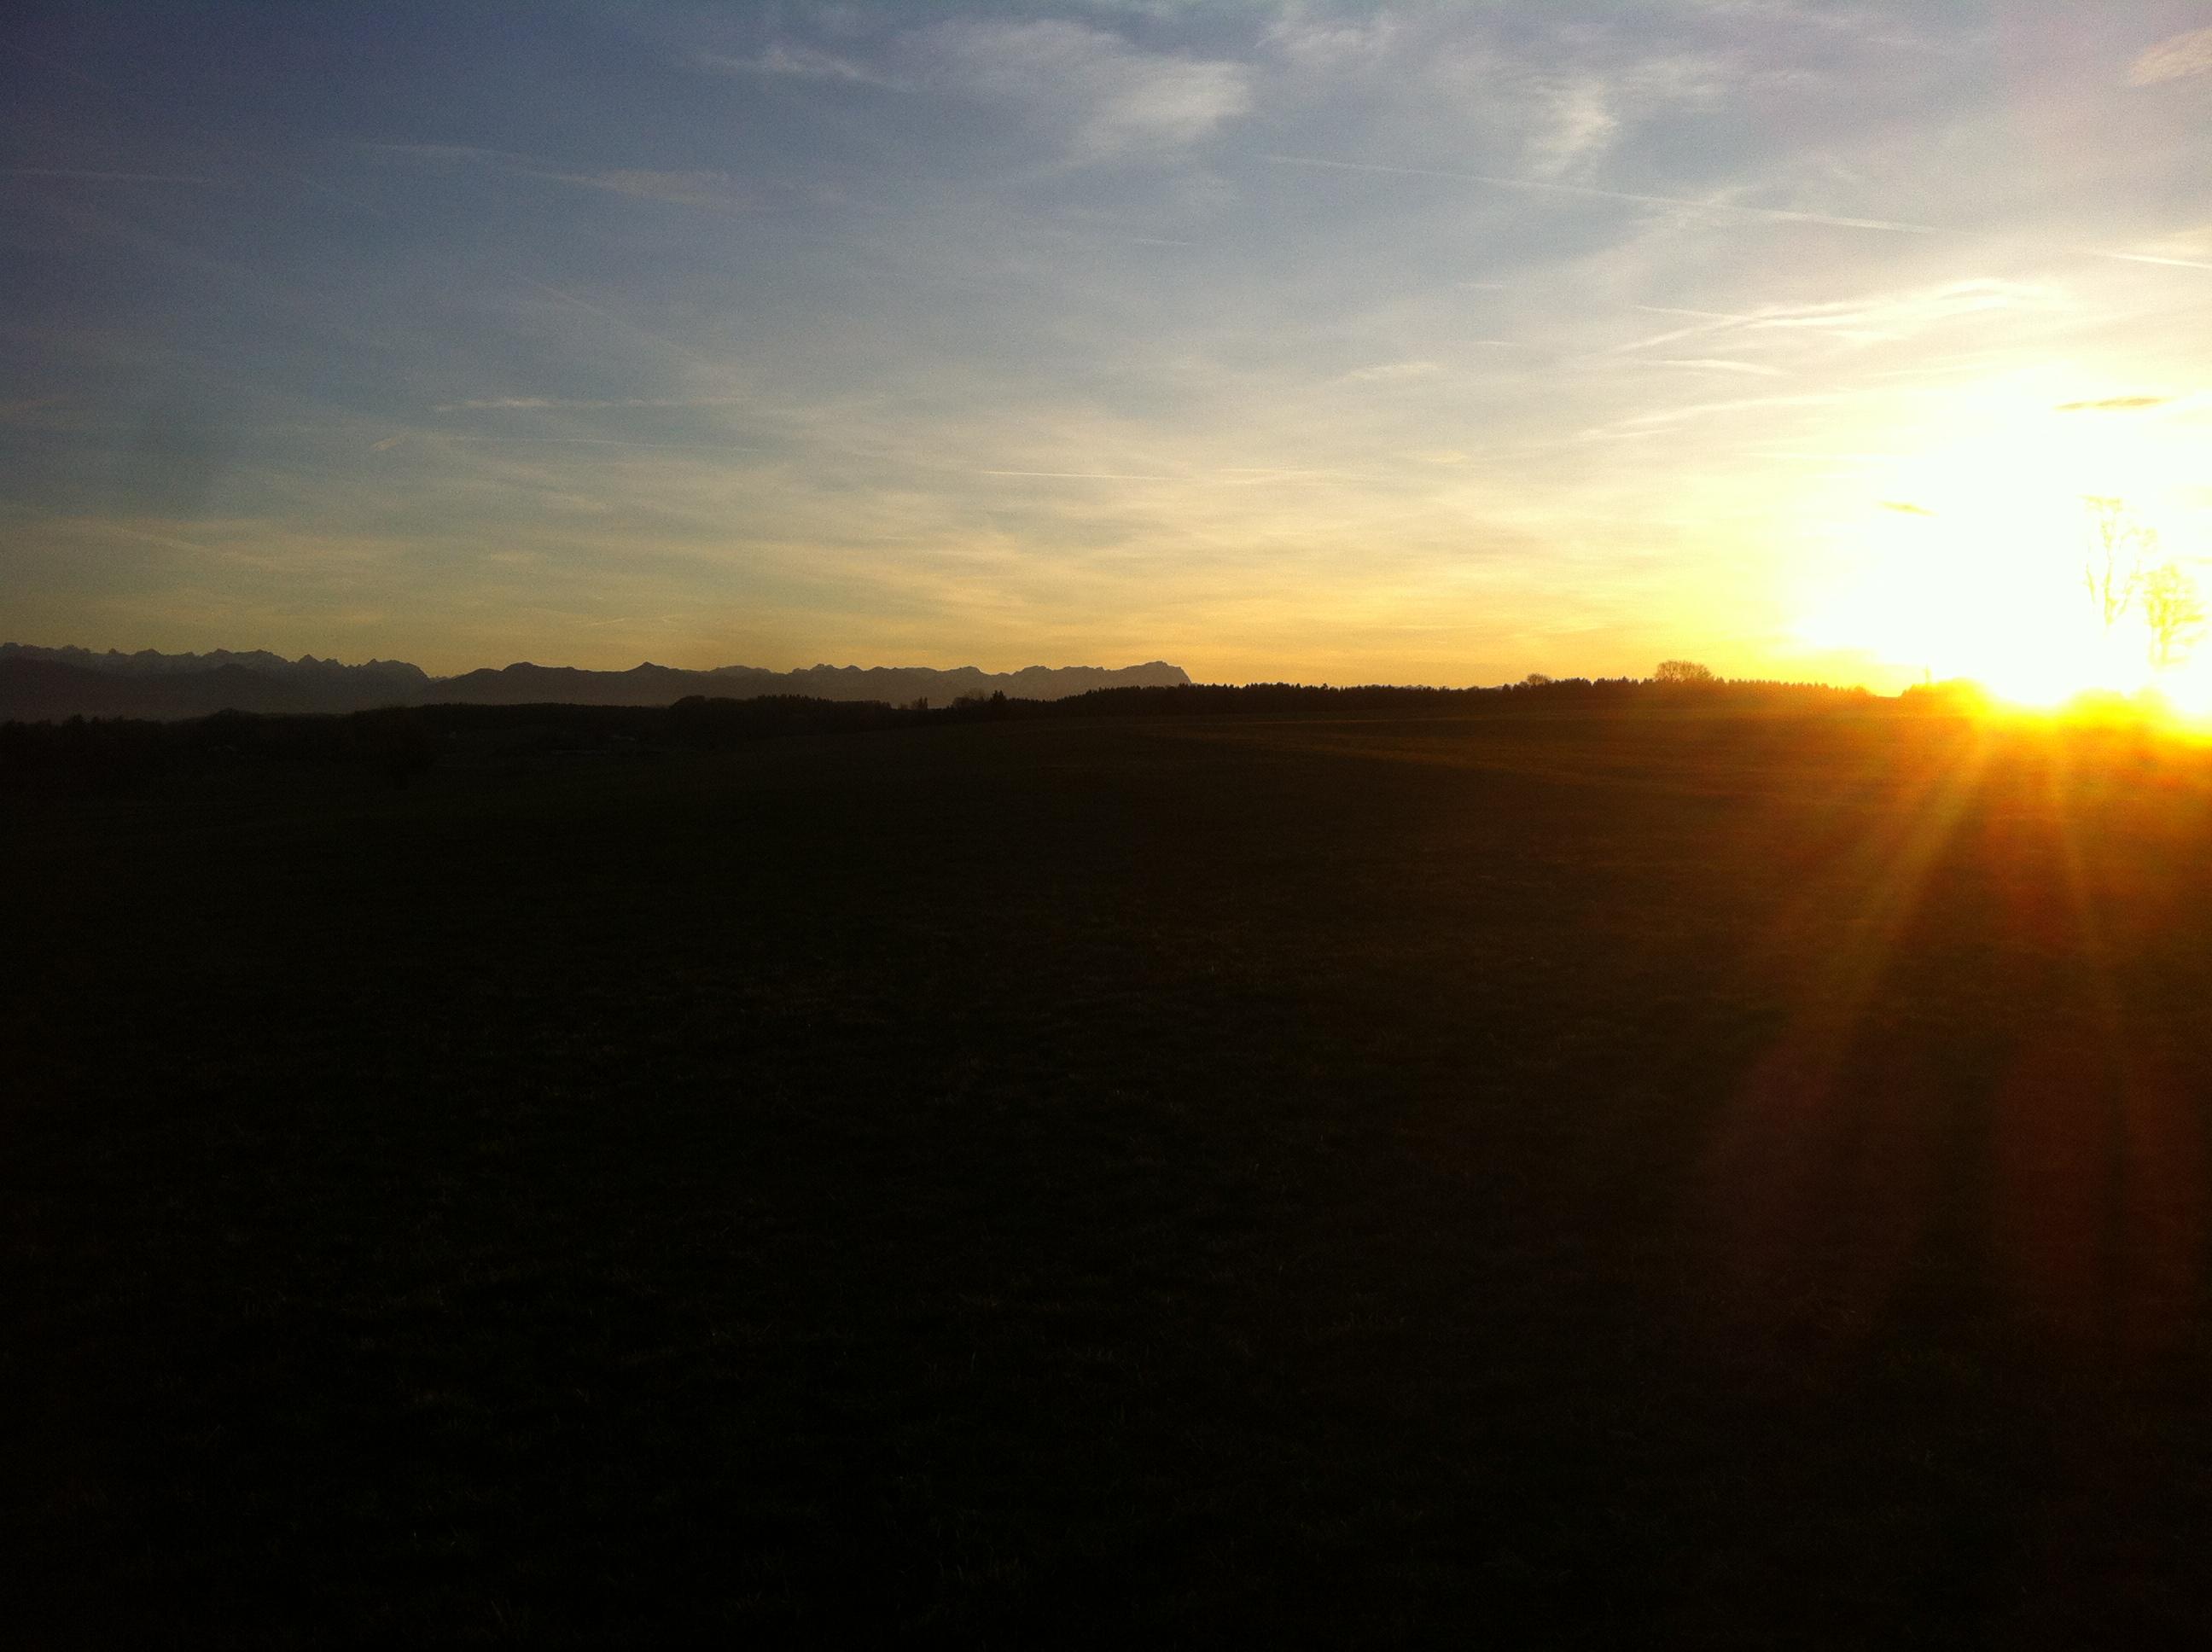 Ende Dezember sind die Tage noch recht kurz, so dass bereits gegen 16 Uhr die Sonne langsam Servus sagt.